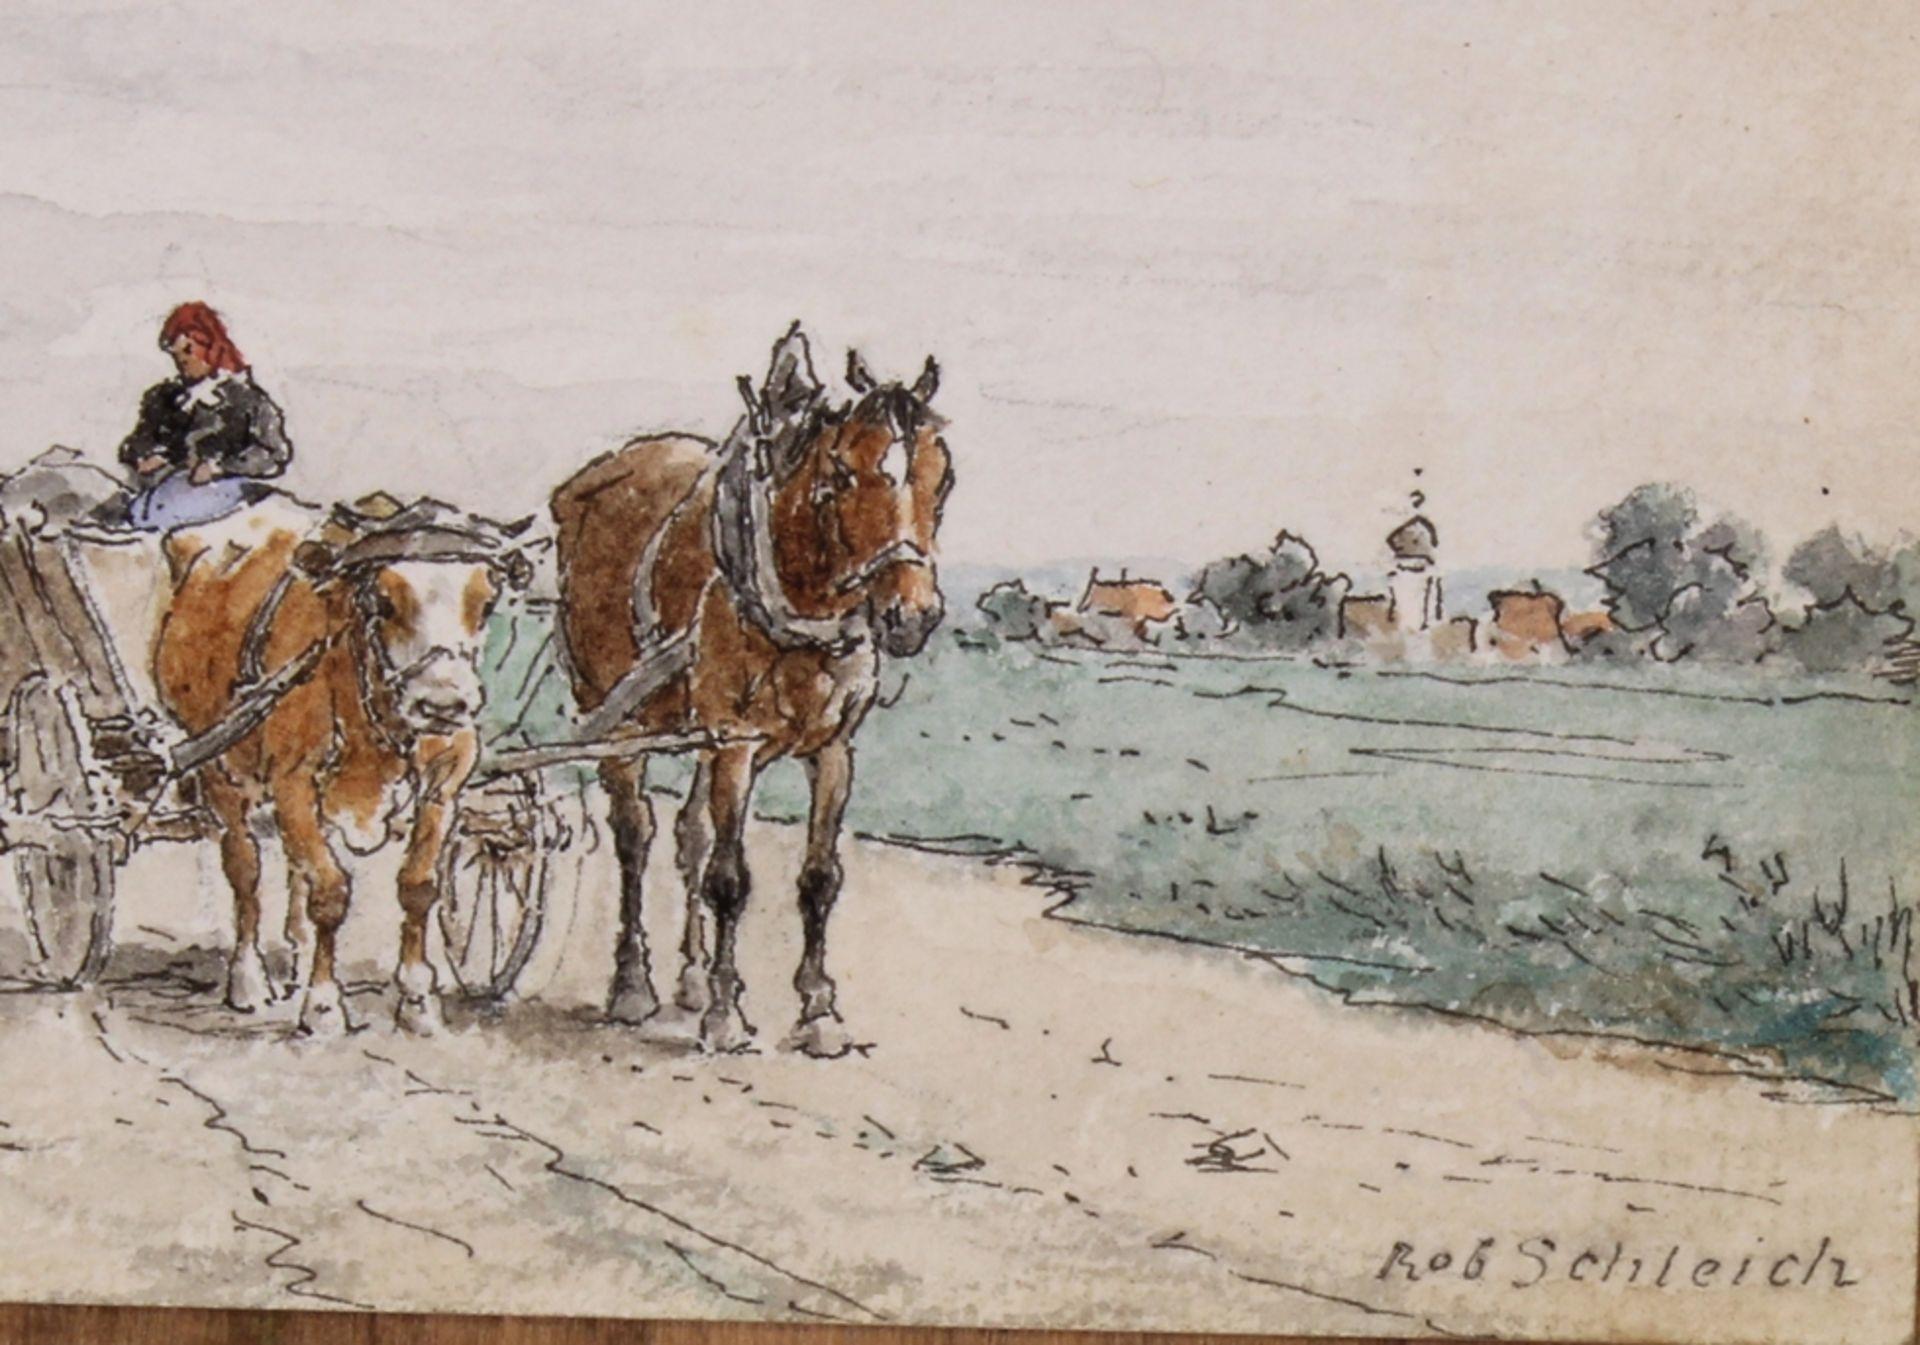 Schleich, Robert (München 1845 - 1934 ebda., Schüler Wilhelm von Diez', beeinflusst durch Eduard Sc - Bild 4 aus 5